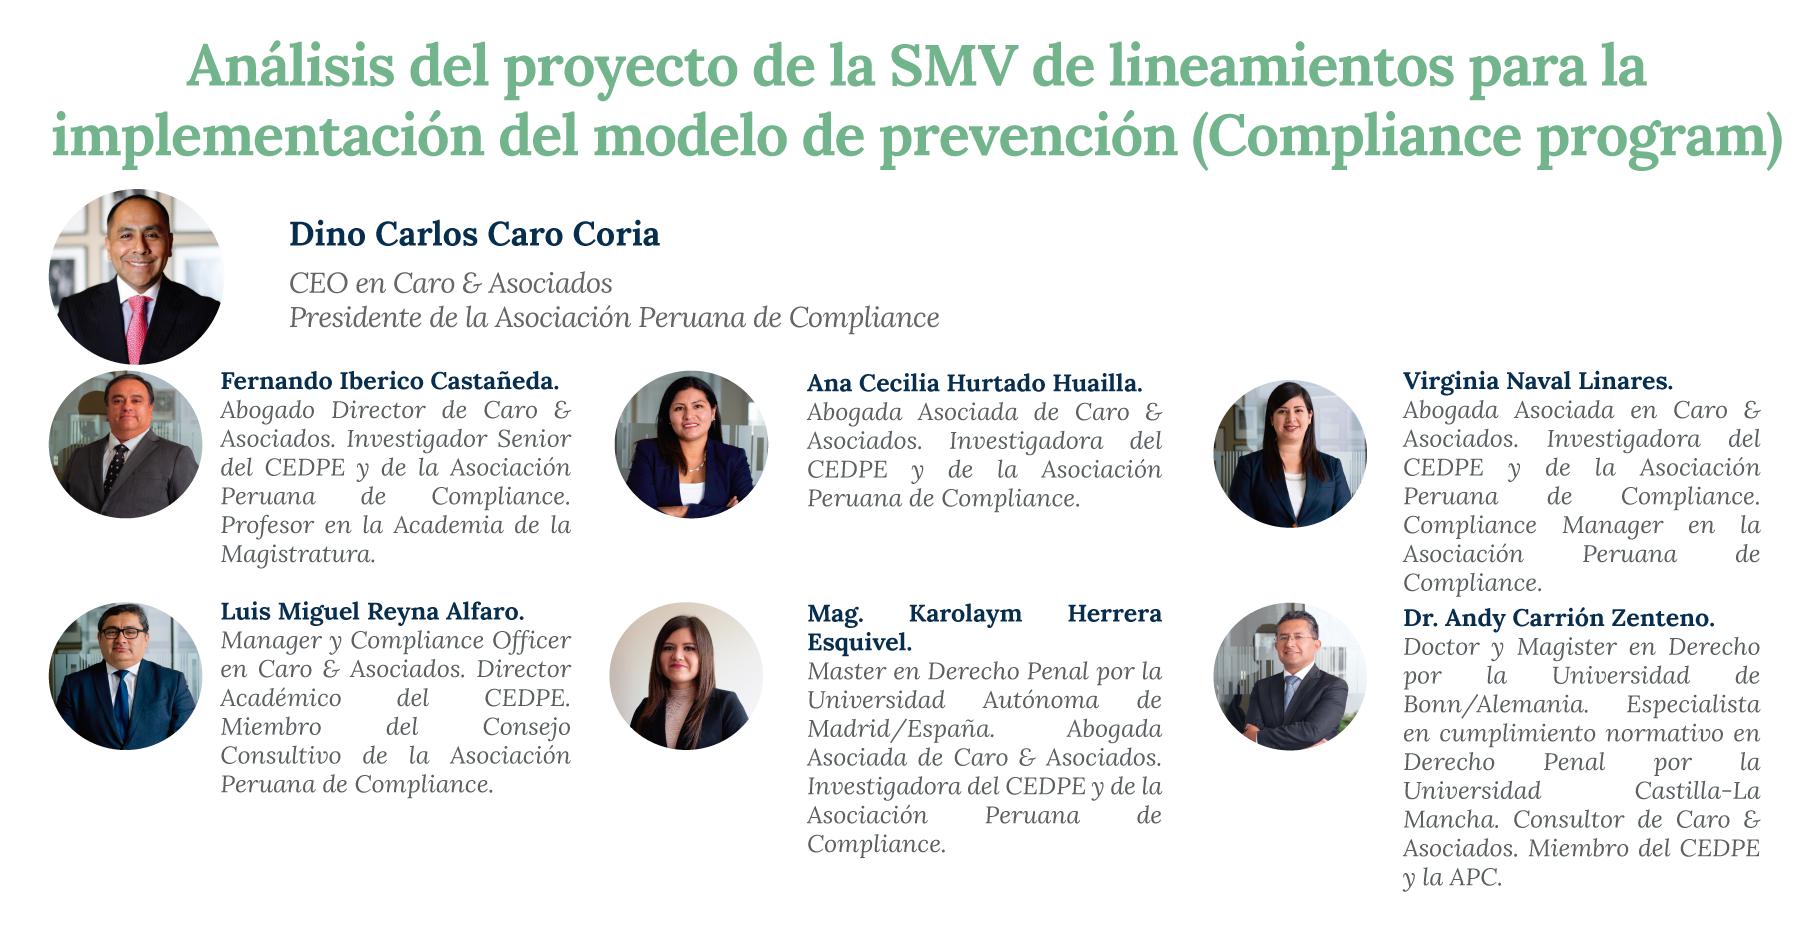 Análisis Del Proyecto De La SMV De Lineamientos Para La Implementación Del Modelo De Prevención (Compliance Program)